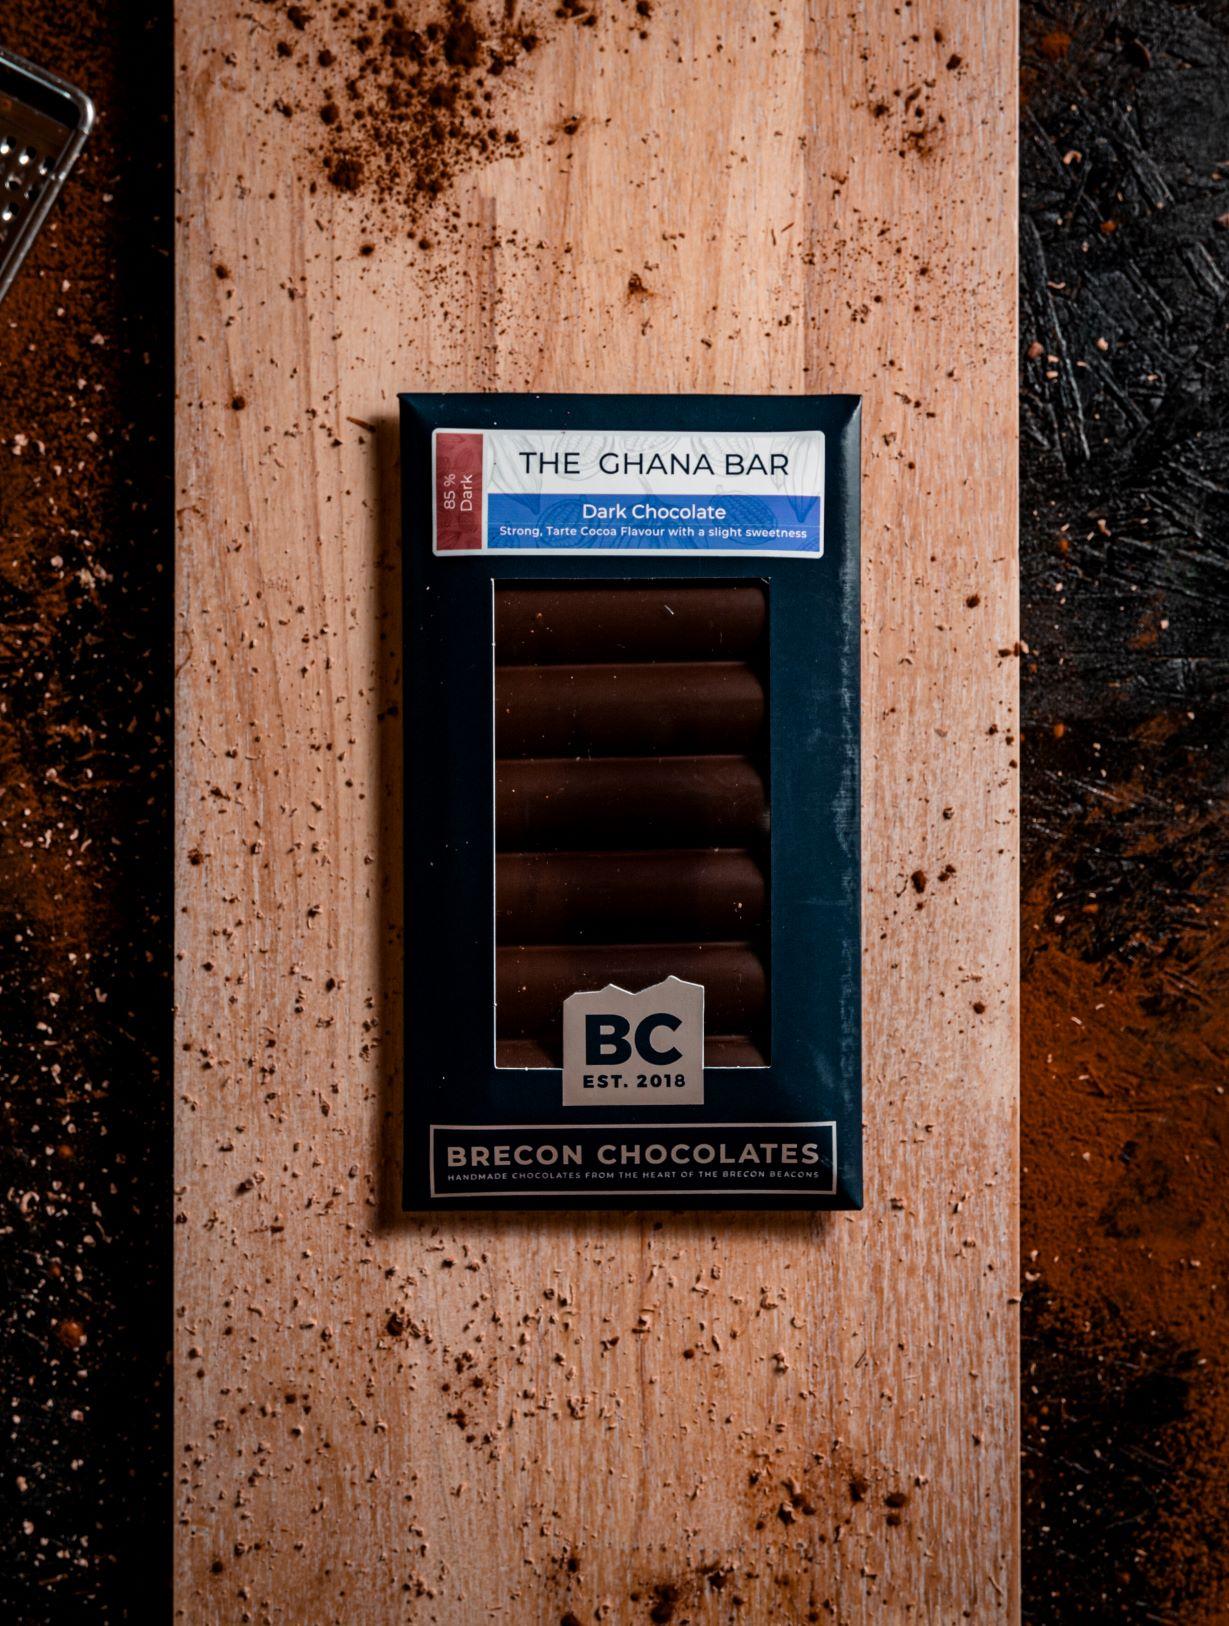 85% Ghana Dark Chocolate bar